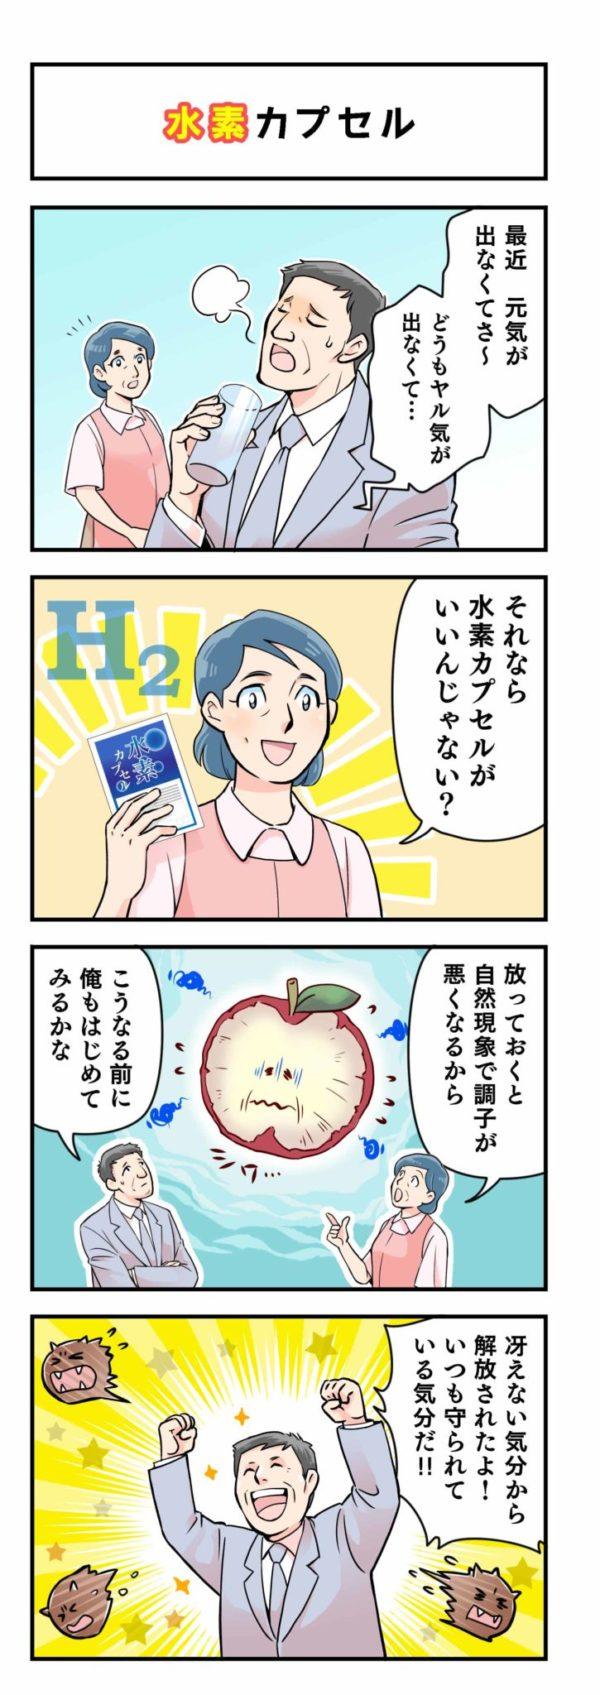 「水素カプセル」商品紹介4コマ漫画